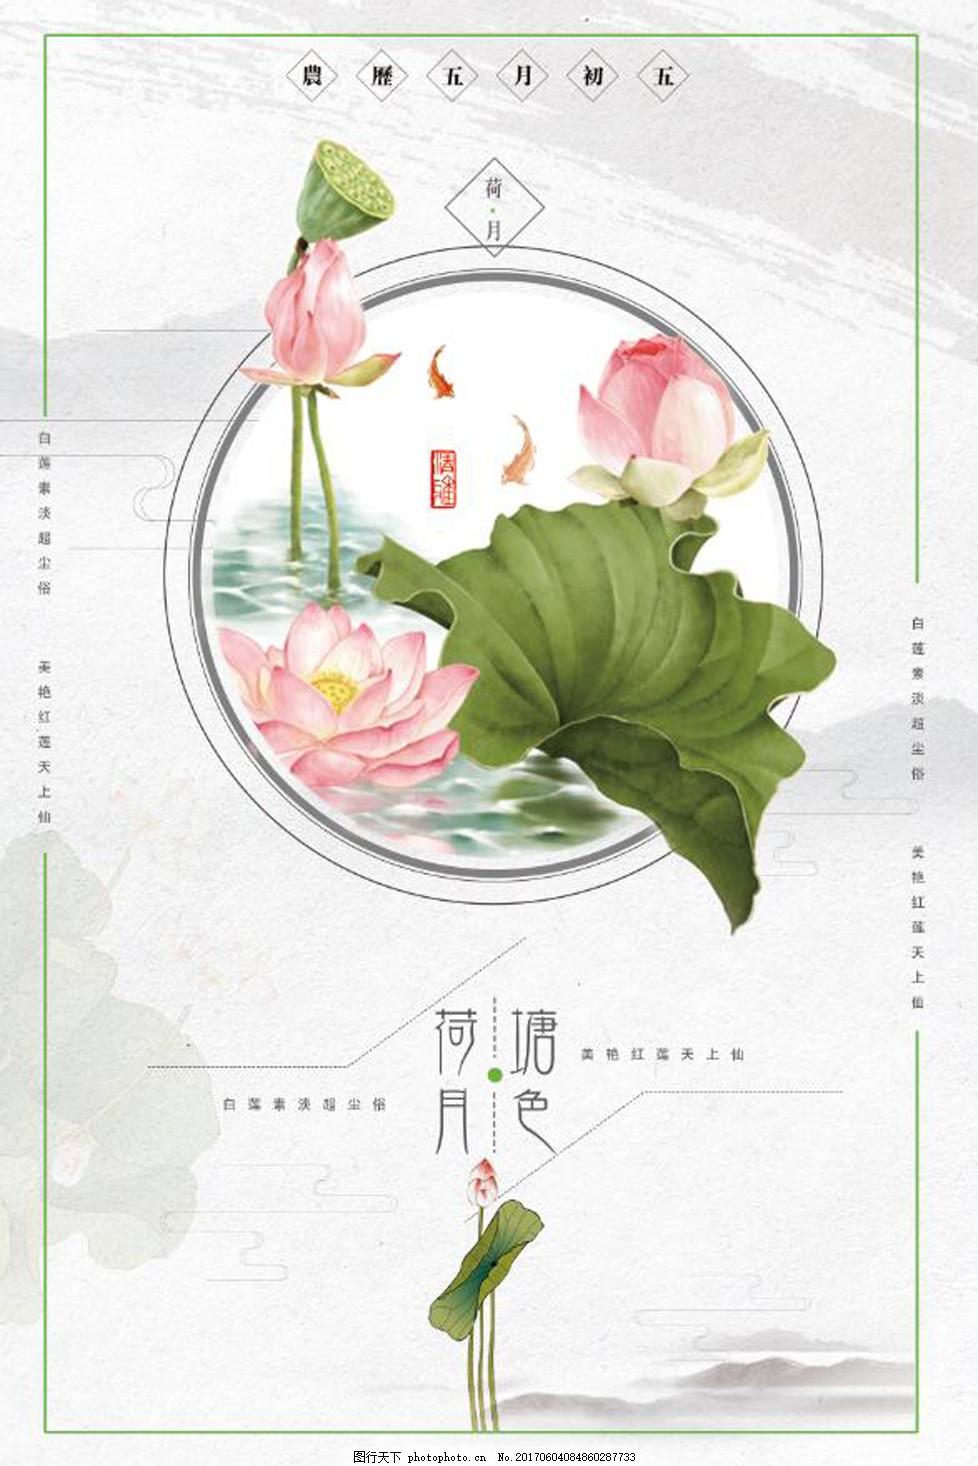 小清新荷塘月色海报 手绘 小清新 荷塘 月色 荷花 文艺 海报 植物